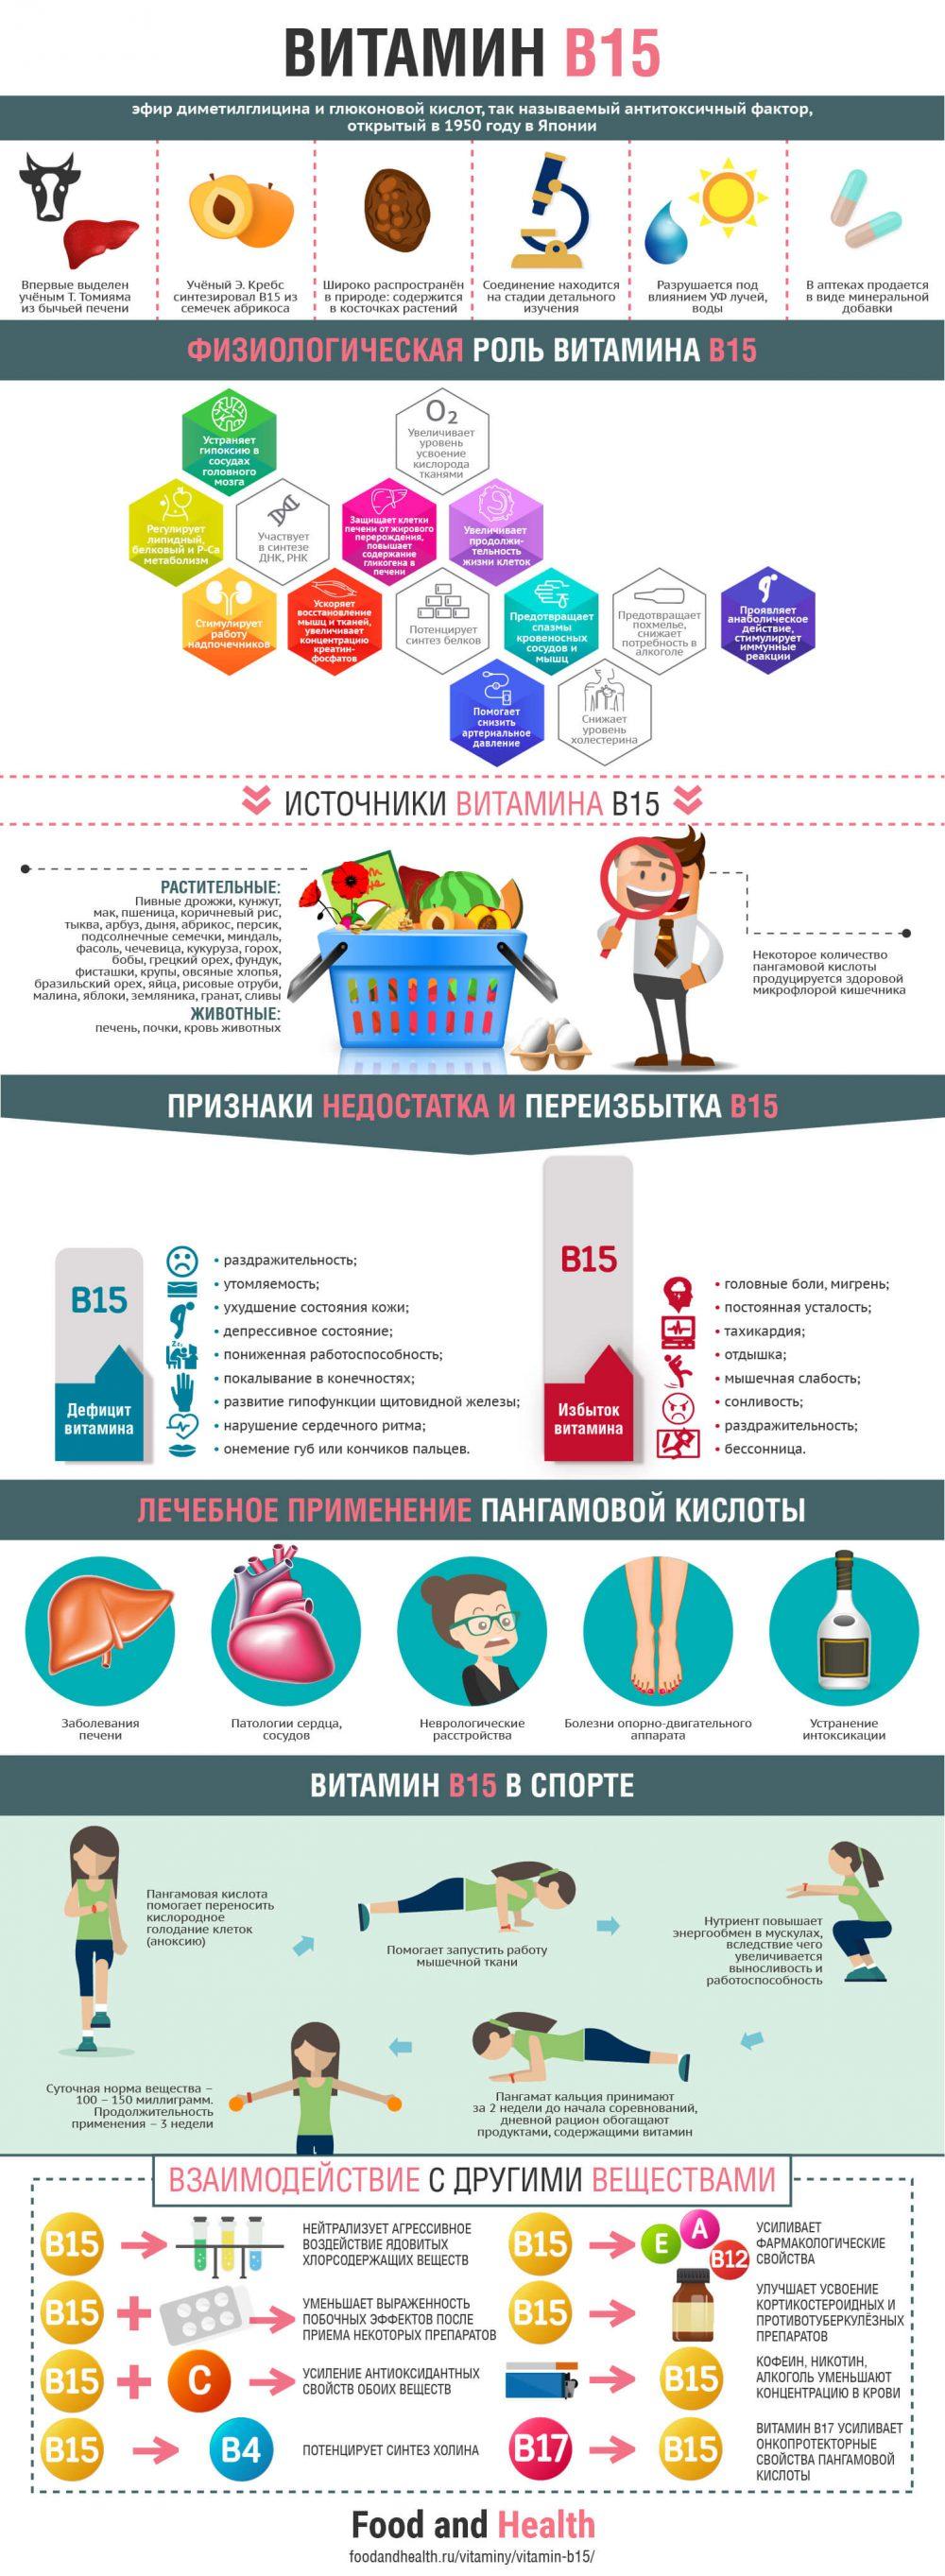 Витамин В15 - инфографика